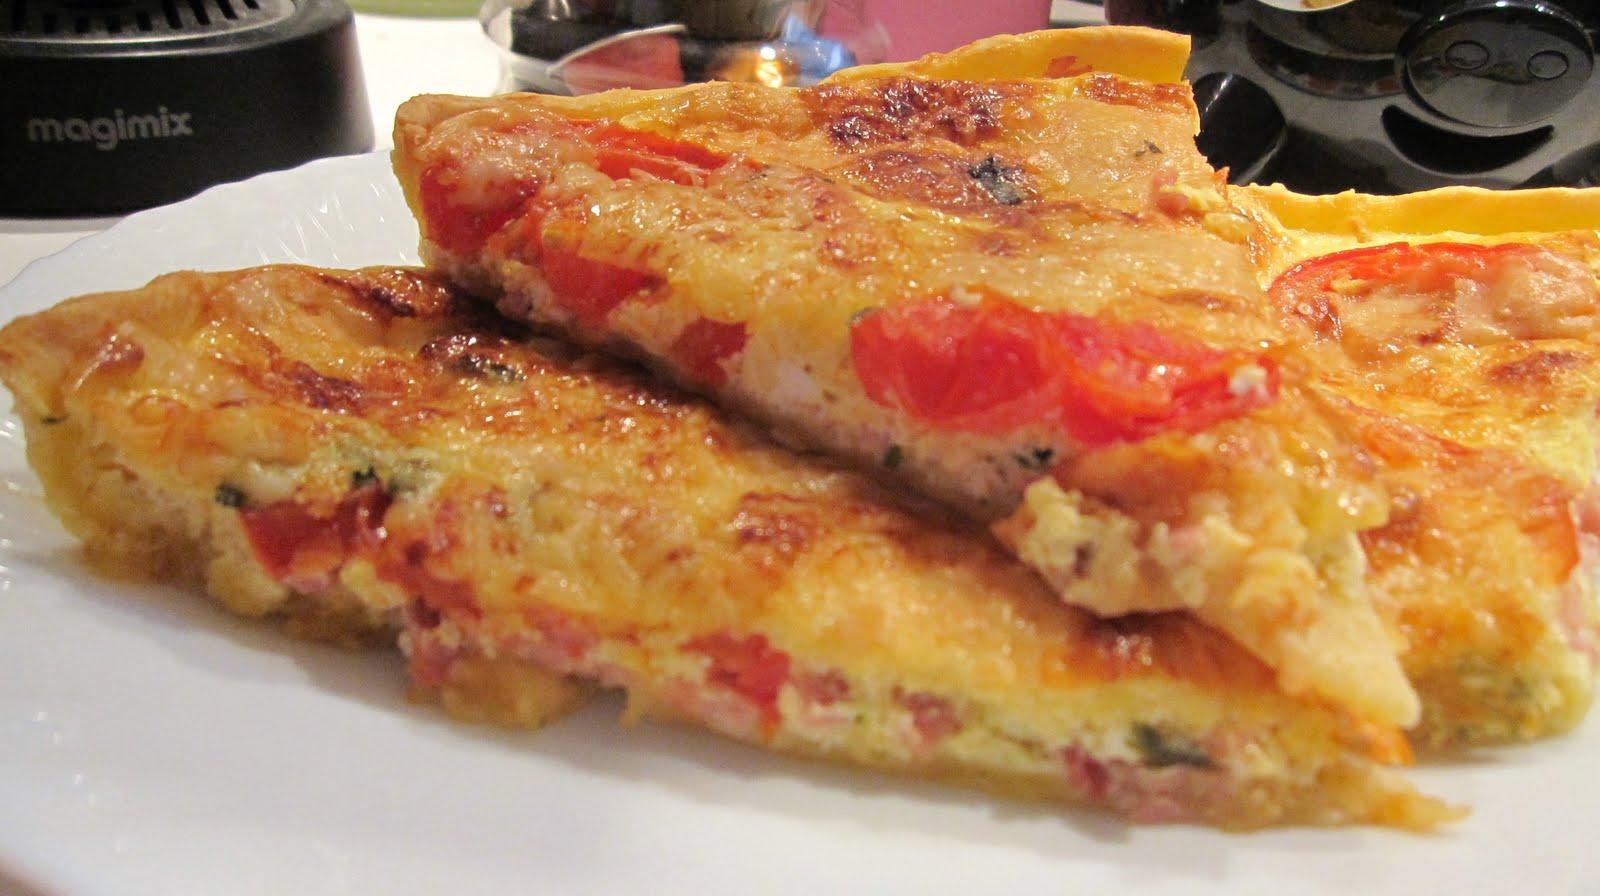 Les recettes de manu tarte toute simple la coriandre - Repas en amoureux simple ...